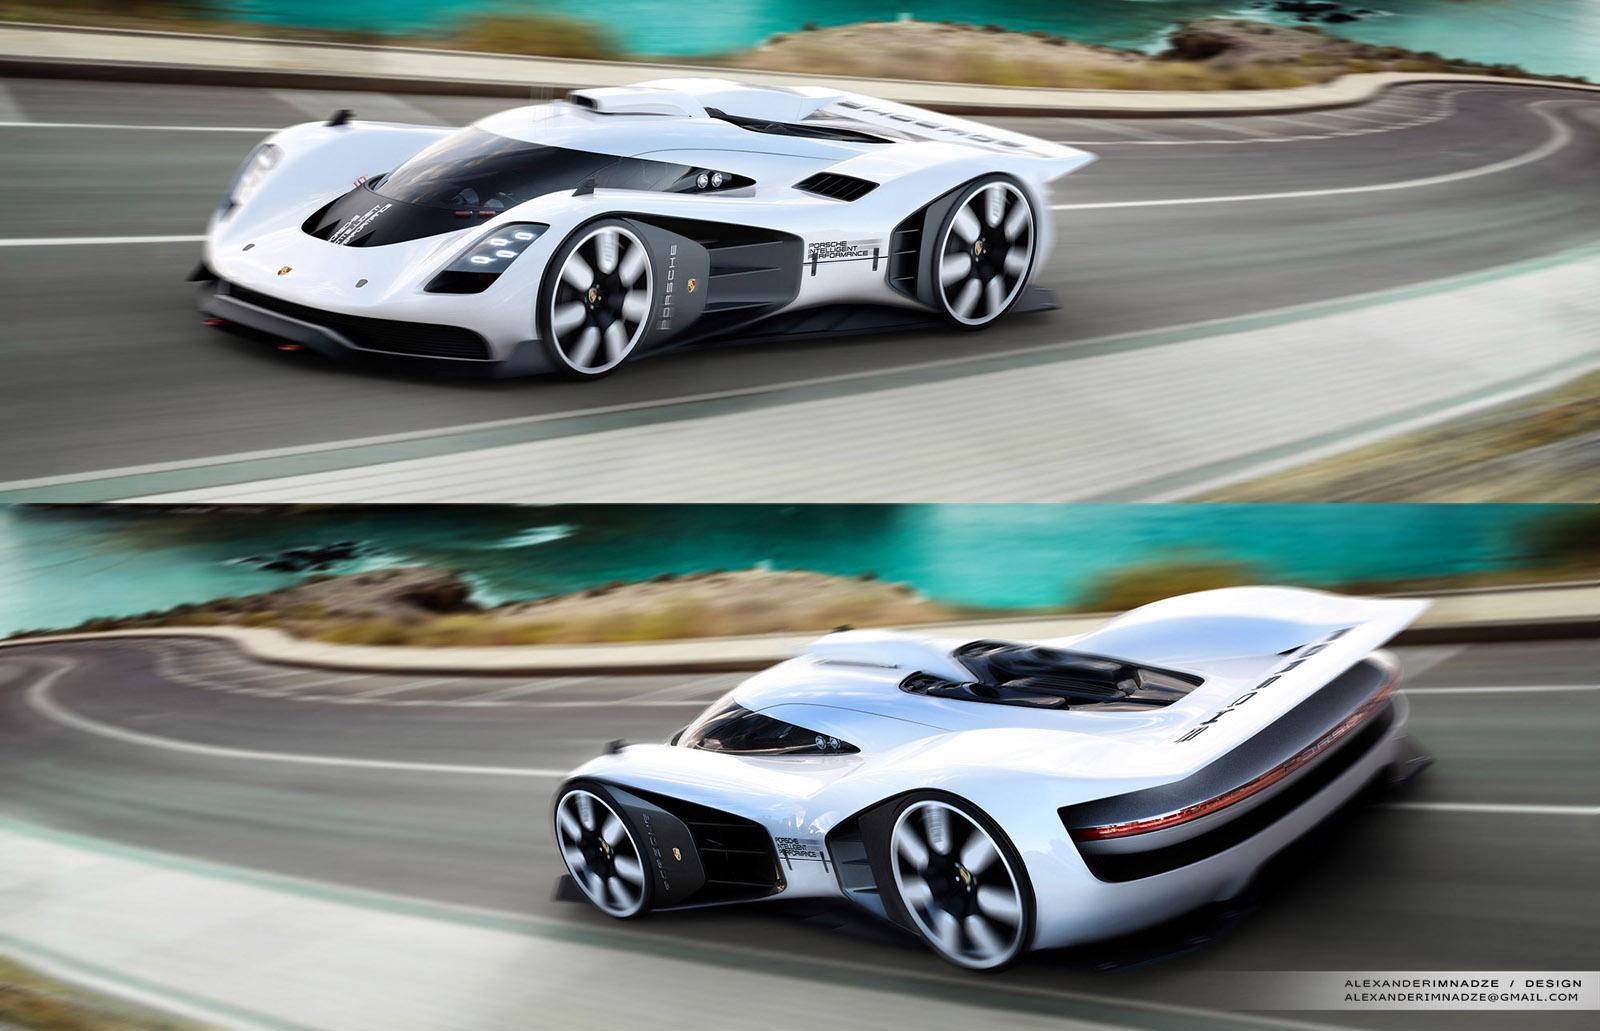 Porsche 906/917 Concept Is One Designer's Stunning Vision ...  Porsche 906/917...